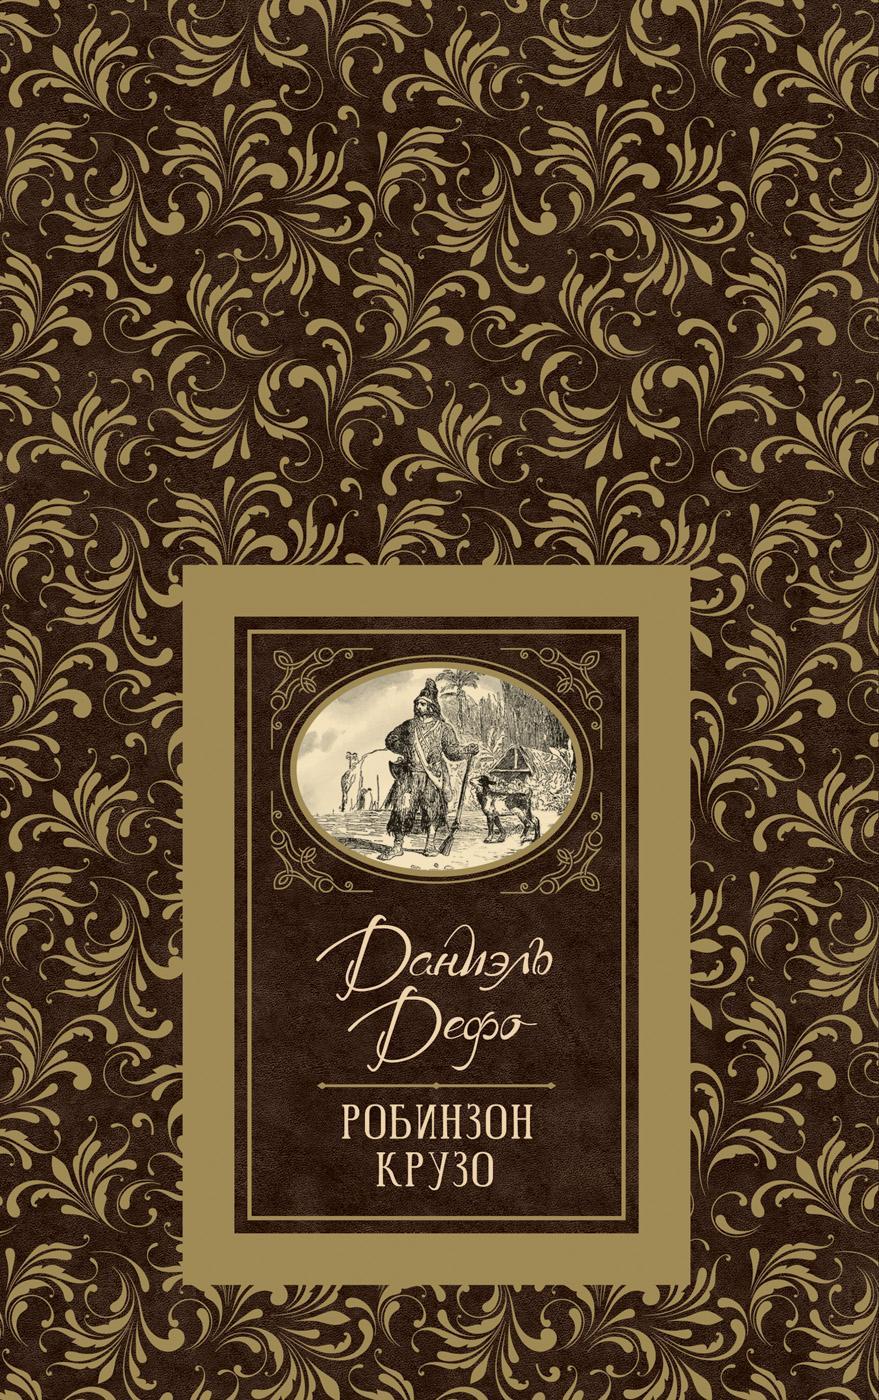 Дефо Д. Робинзон Крузо (Большая детская библиотека)